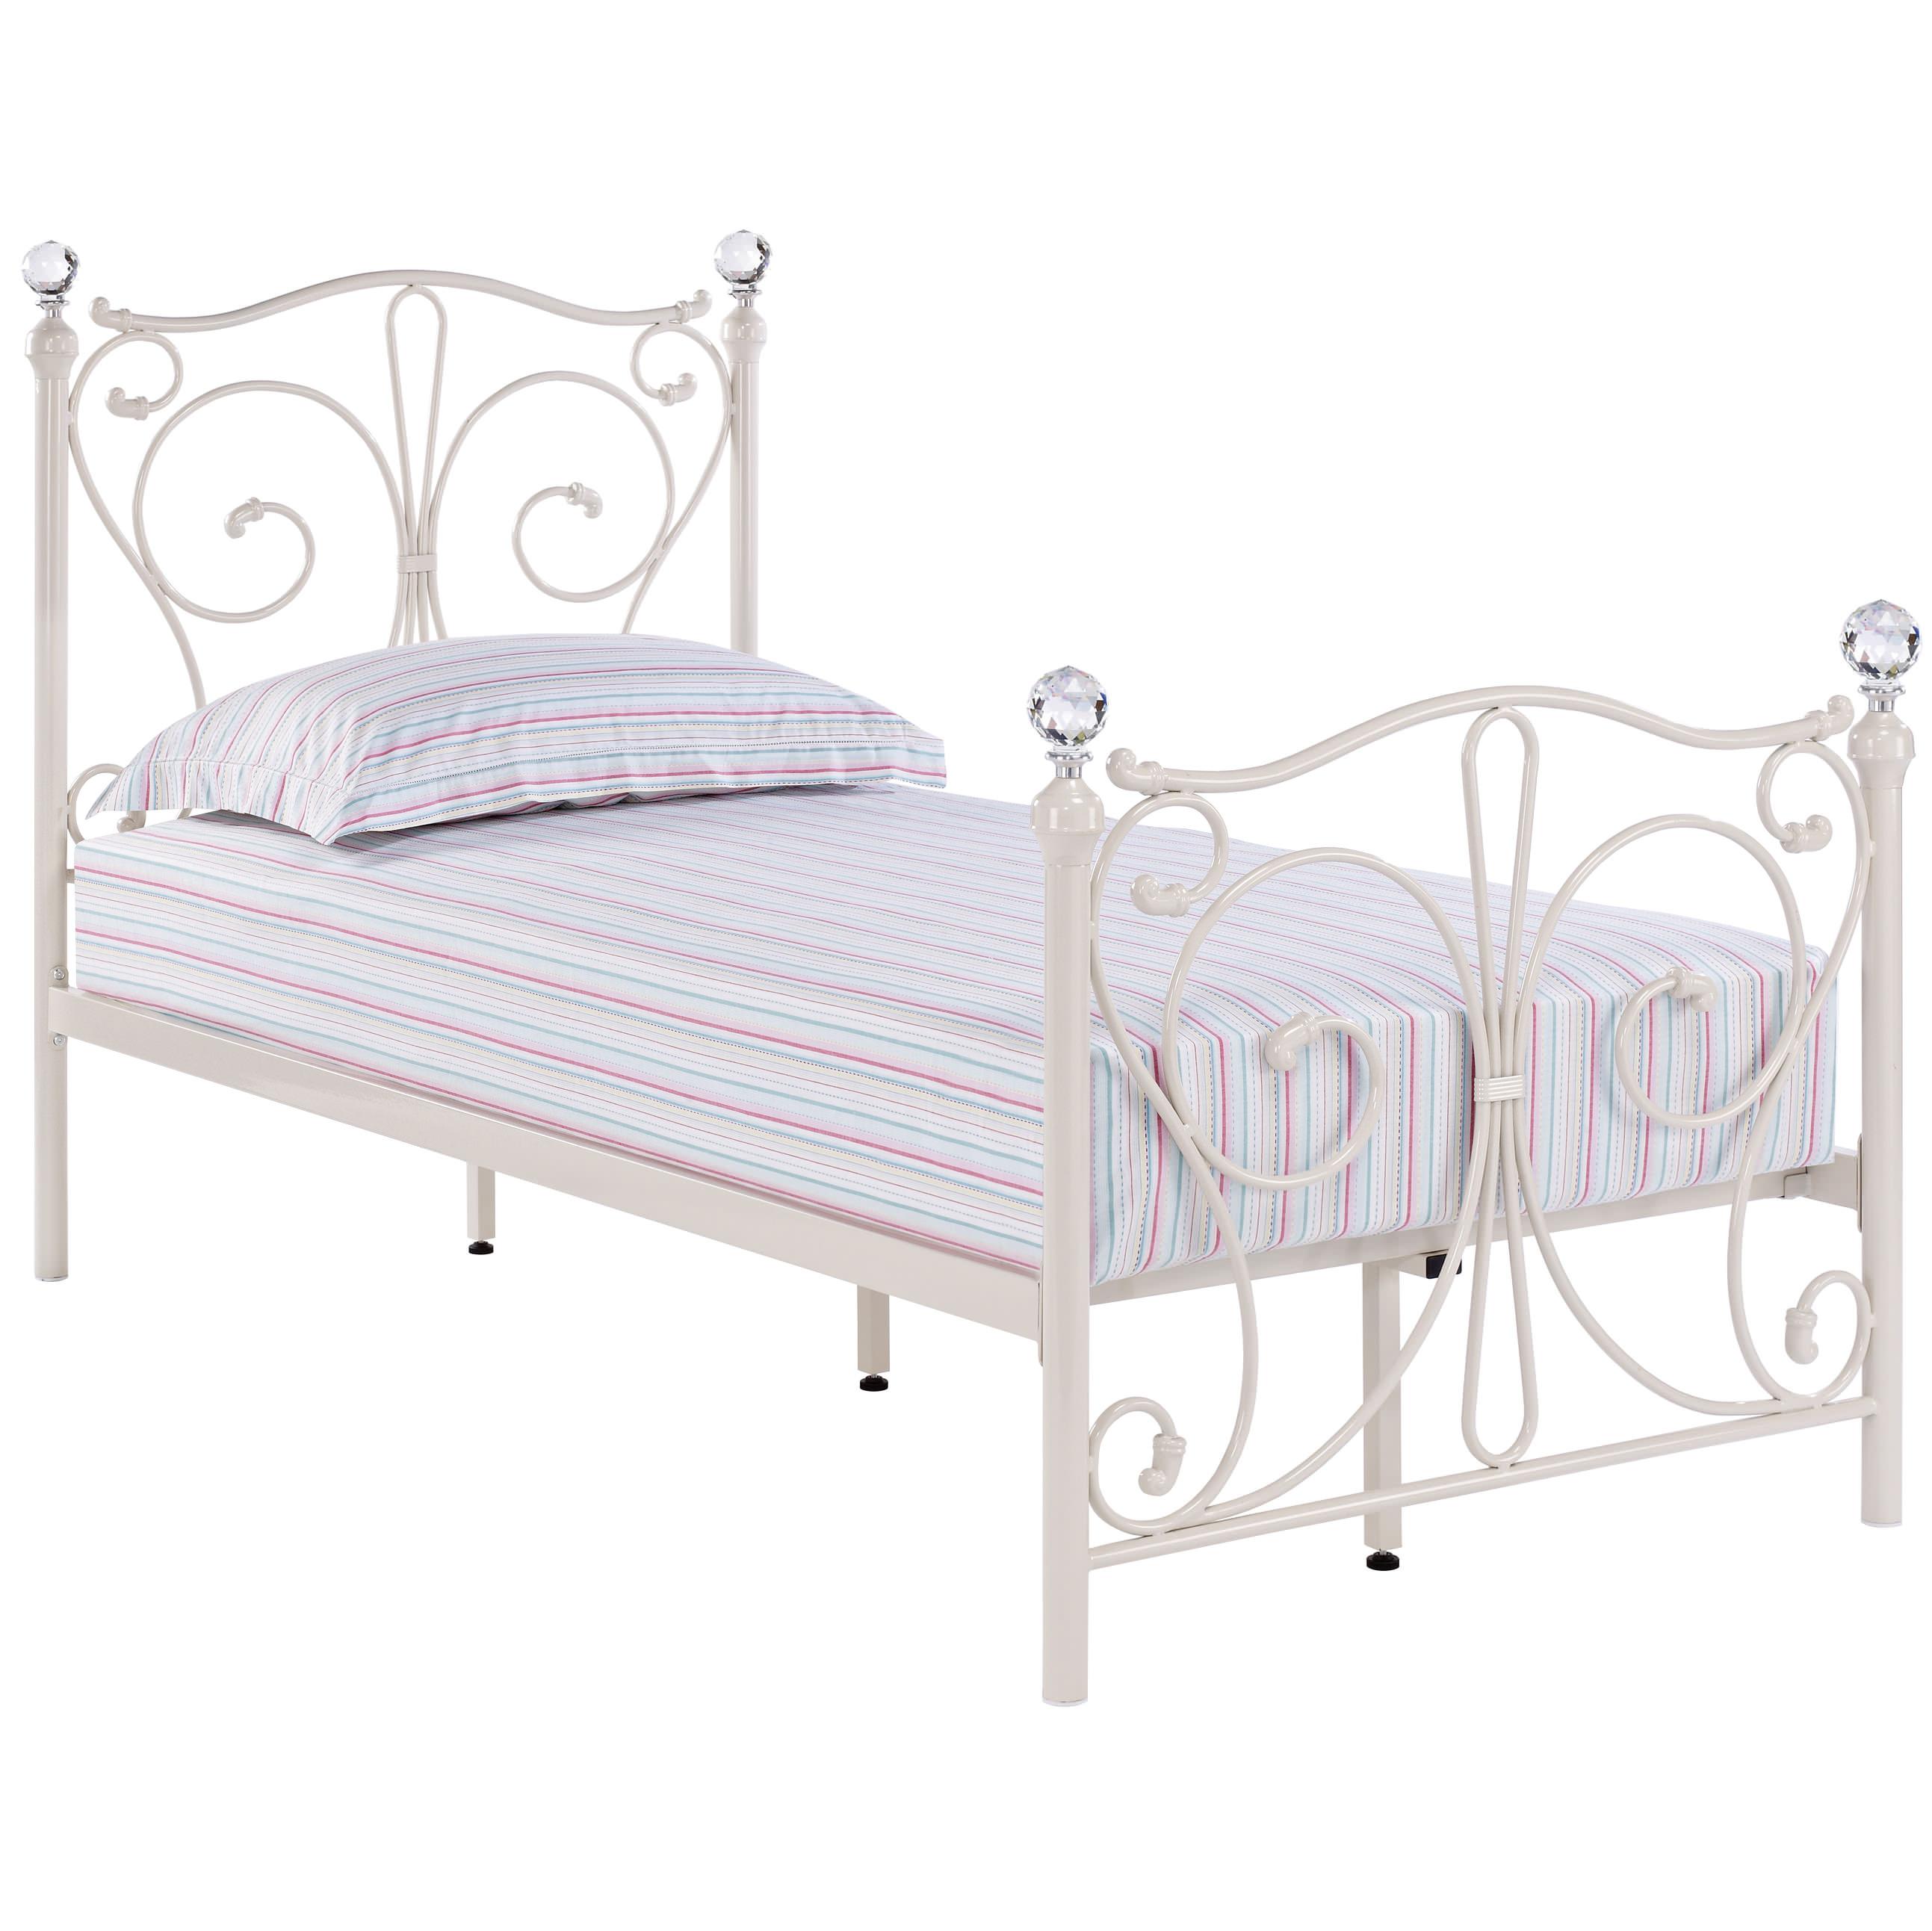 metal bed frame bedstead single double kingsize 3ft 4ft6. Black Bedroom Furniture Sets. Home Design Ideas